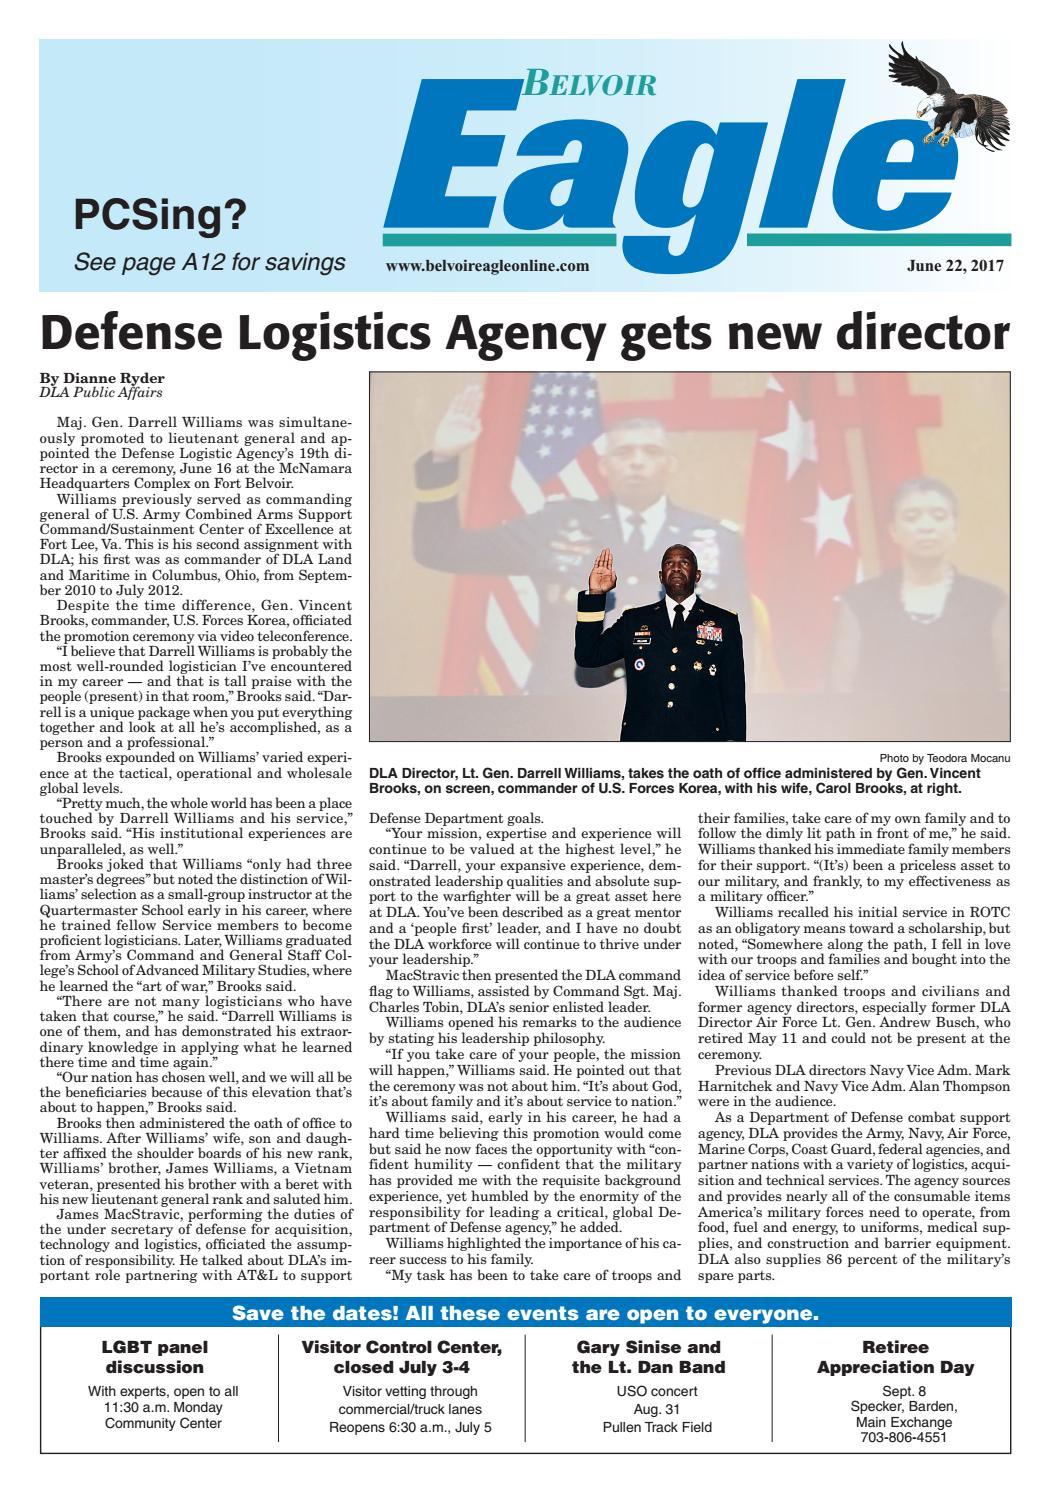 Belvoir Eagle, June 22, 2017 by InsideNoVa - issuu